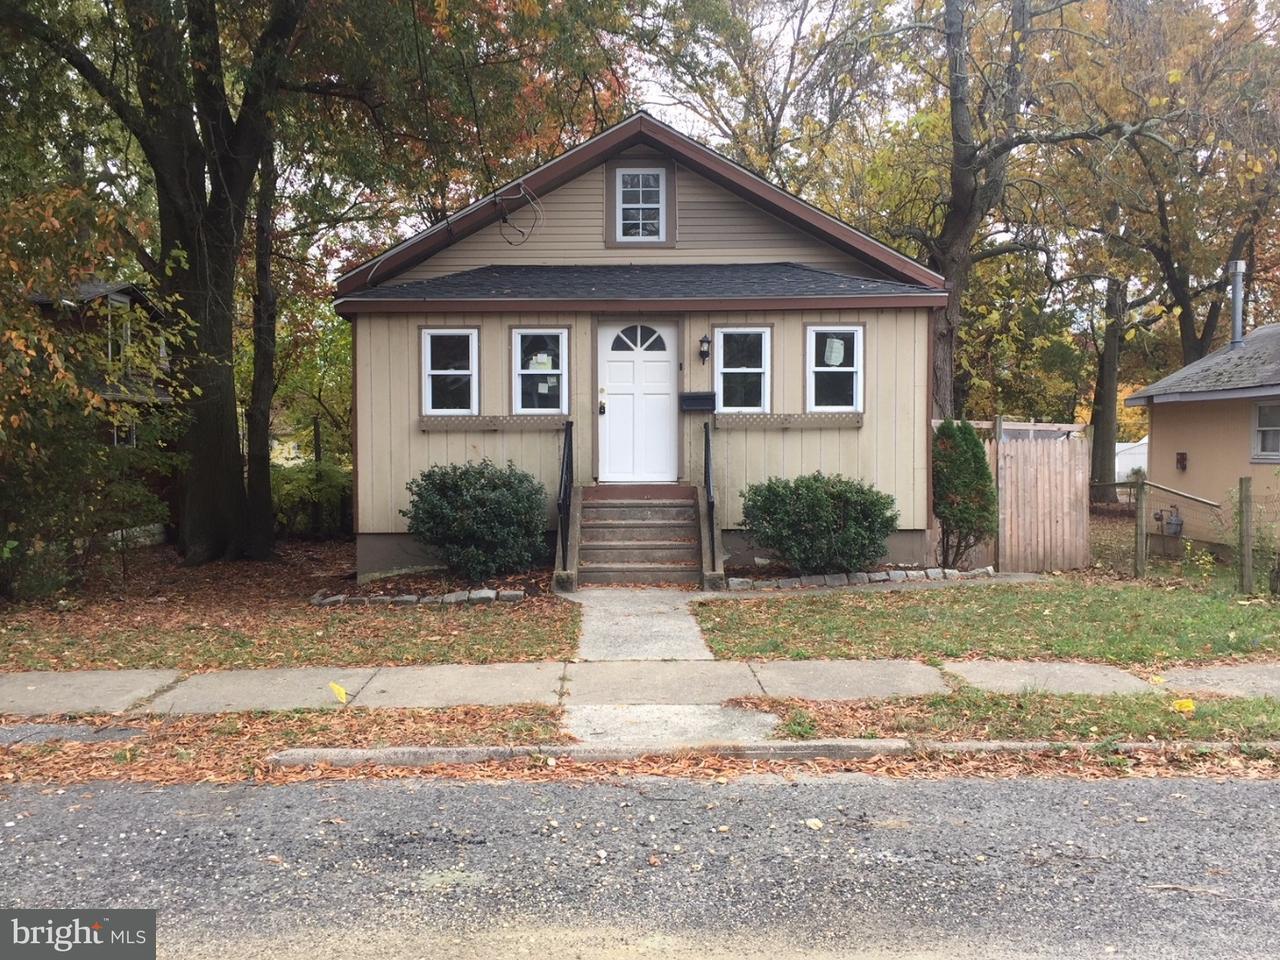 Casa Unifamiliar por un Alquiler en 323 W EVERGREEN Avenue Somerdale, Nueva Jersey 08083 Estados Unidos